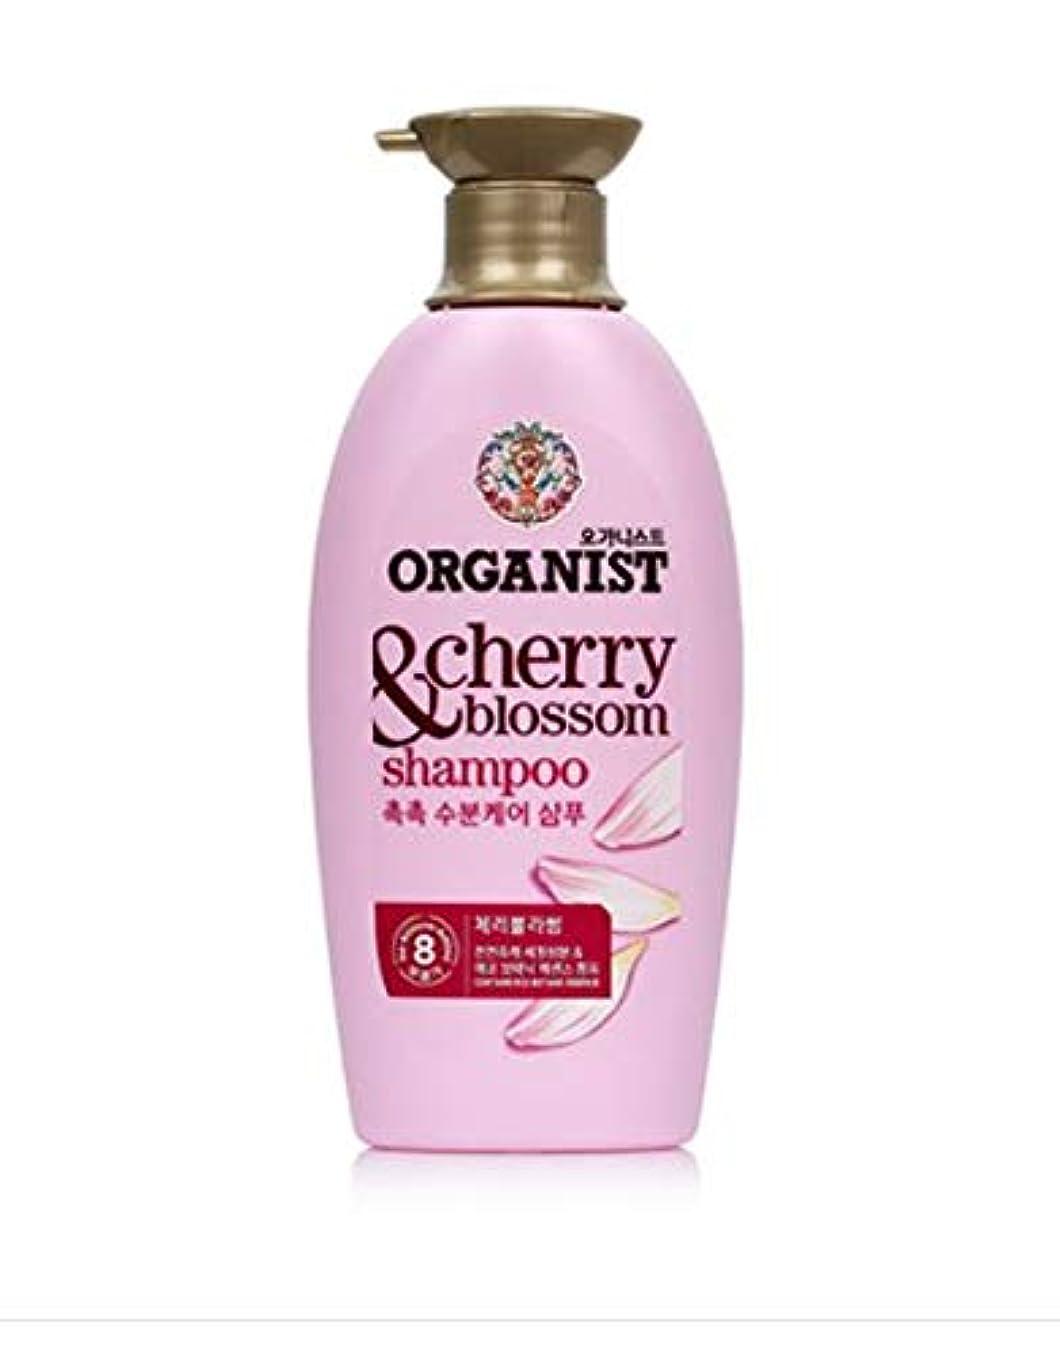 プロットビーズ穀物オーガニスト (ORGANIST)チェリーブロッサムシャンプー500ml/ ORGANIST Cherry Blossom Hydrating Shampoo 500ml [並行輸入品]